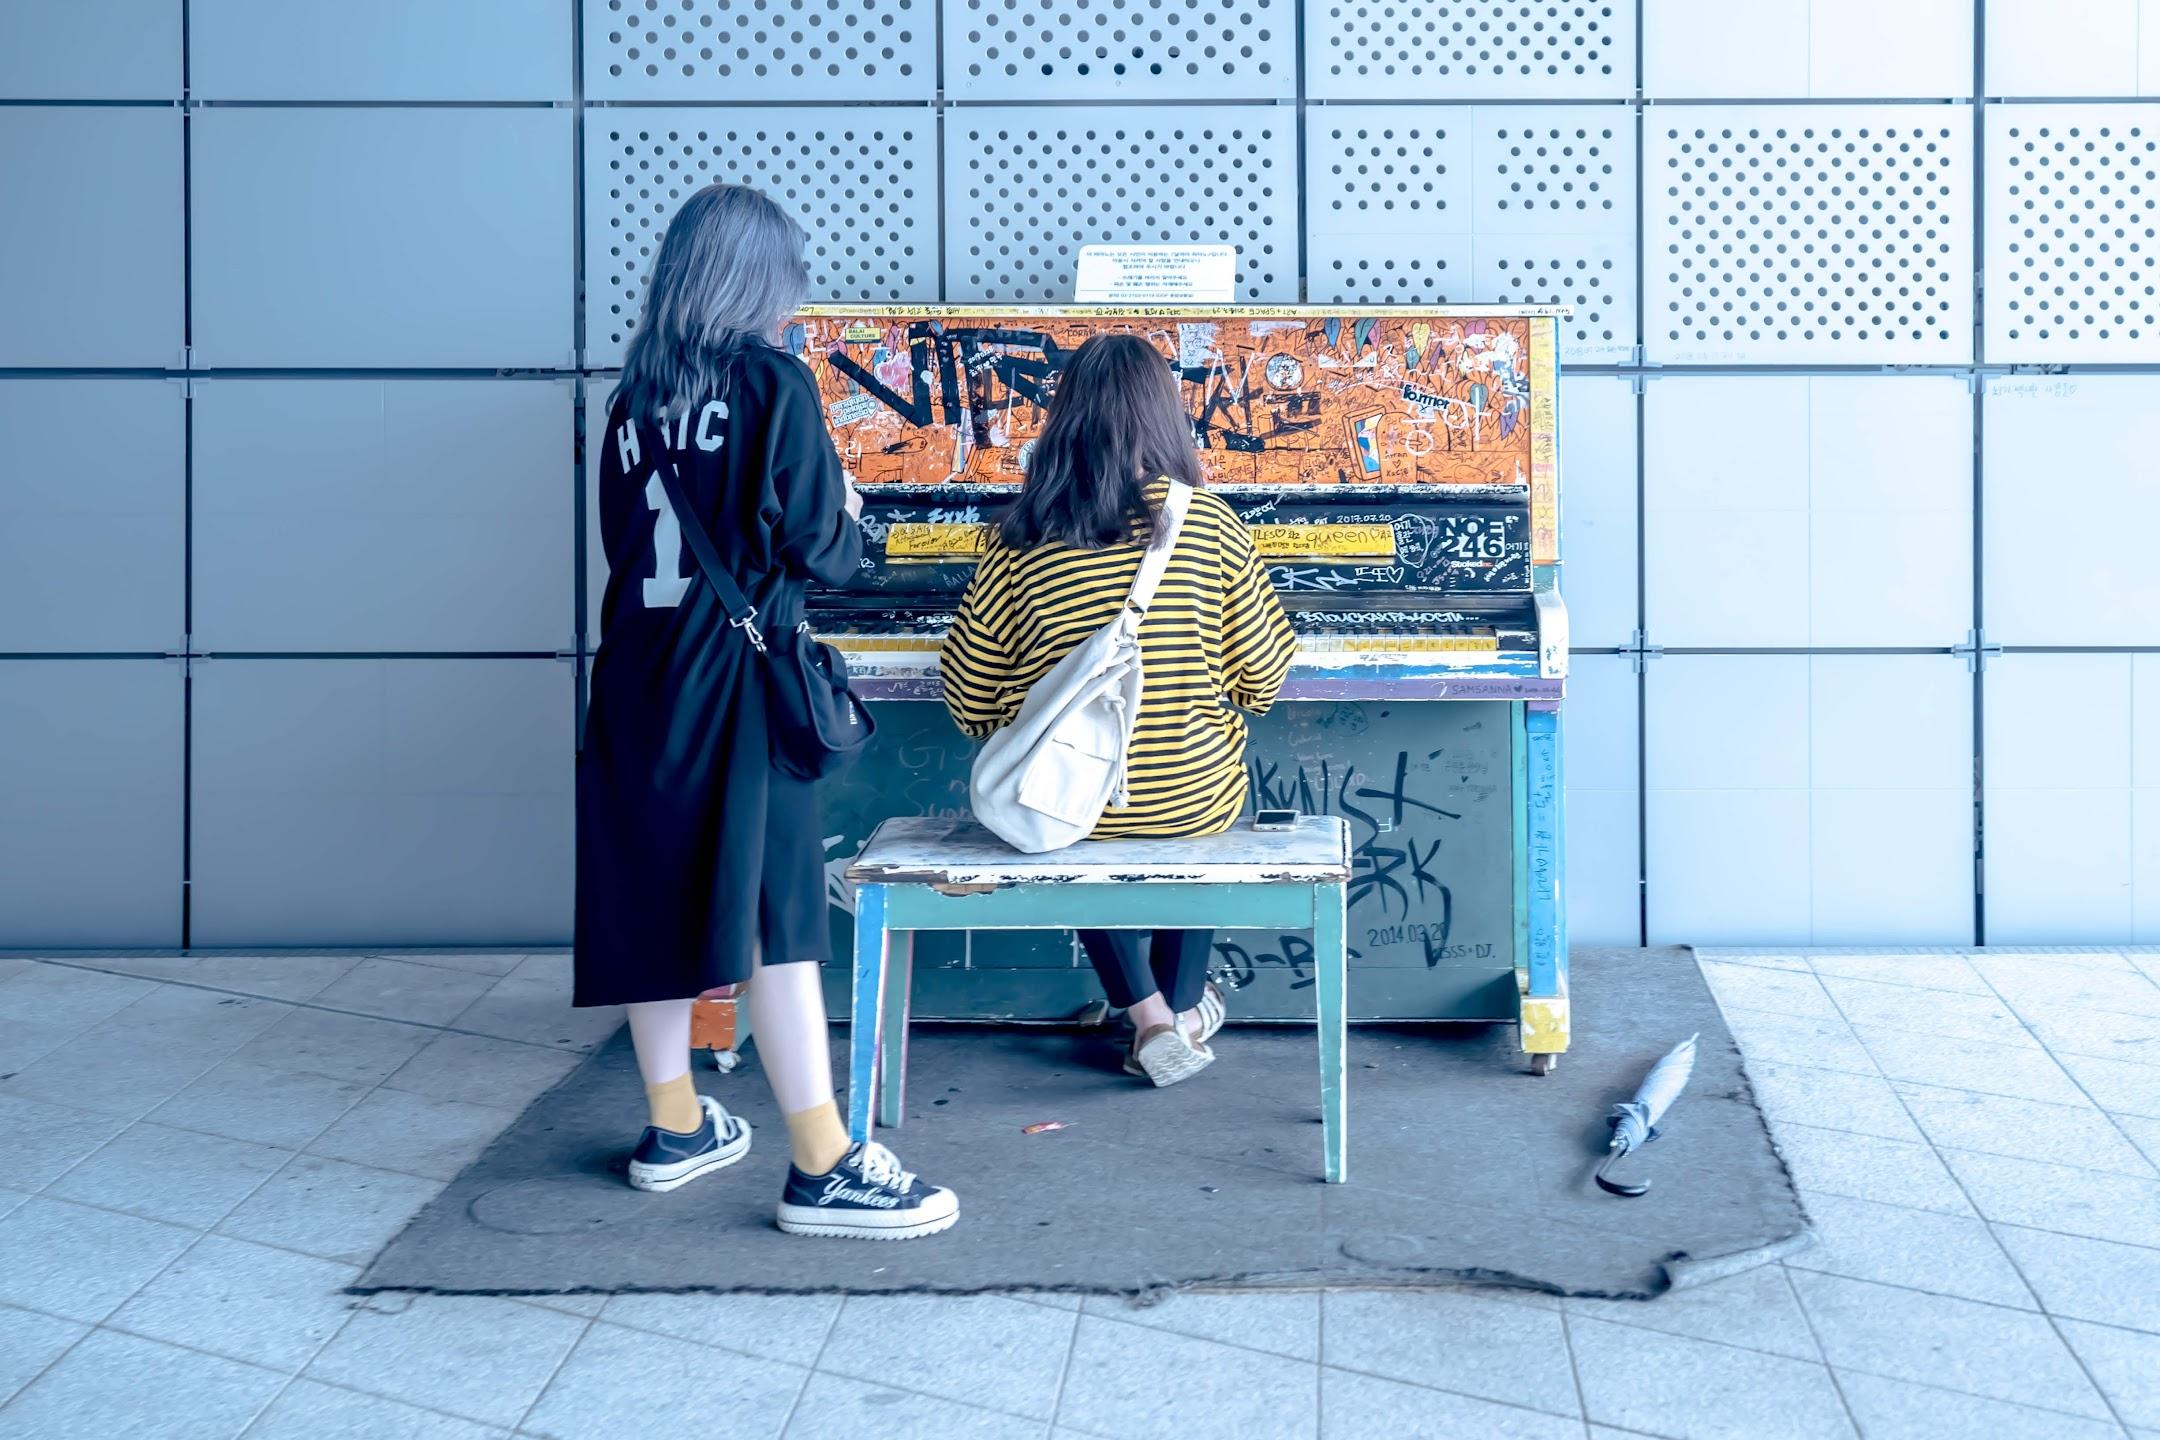 ソウル 東大門デザインプラザ(DDP)3